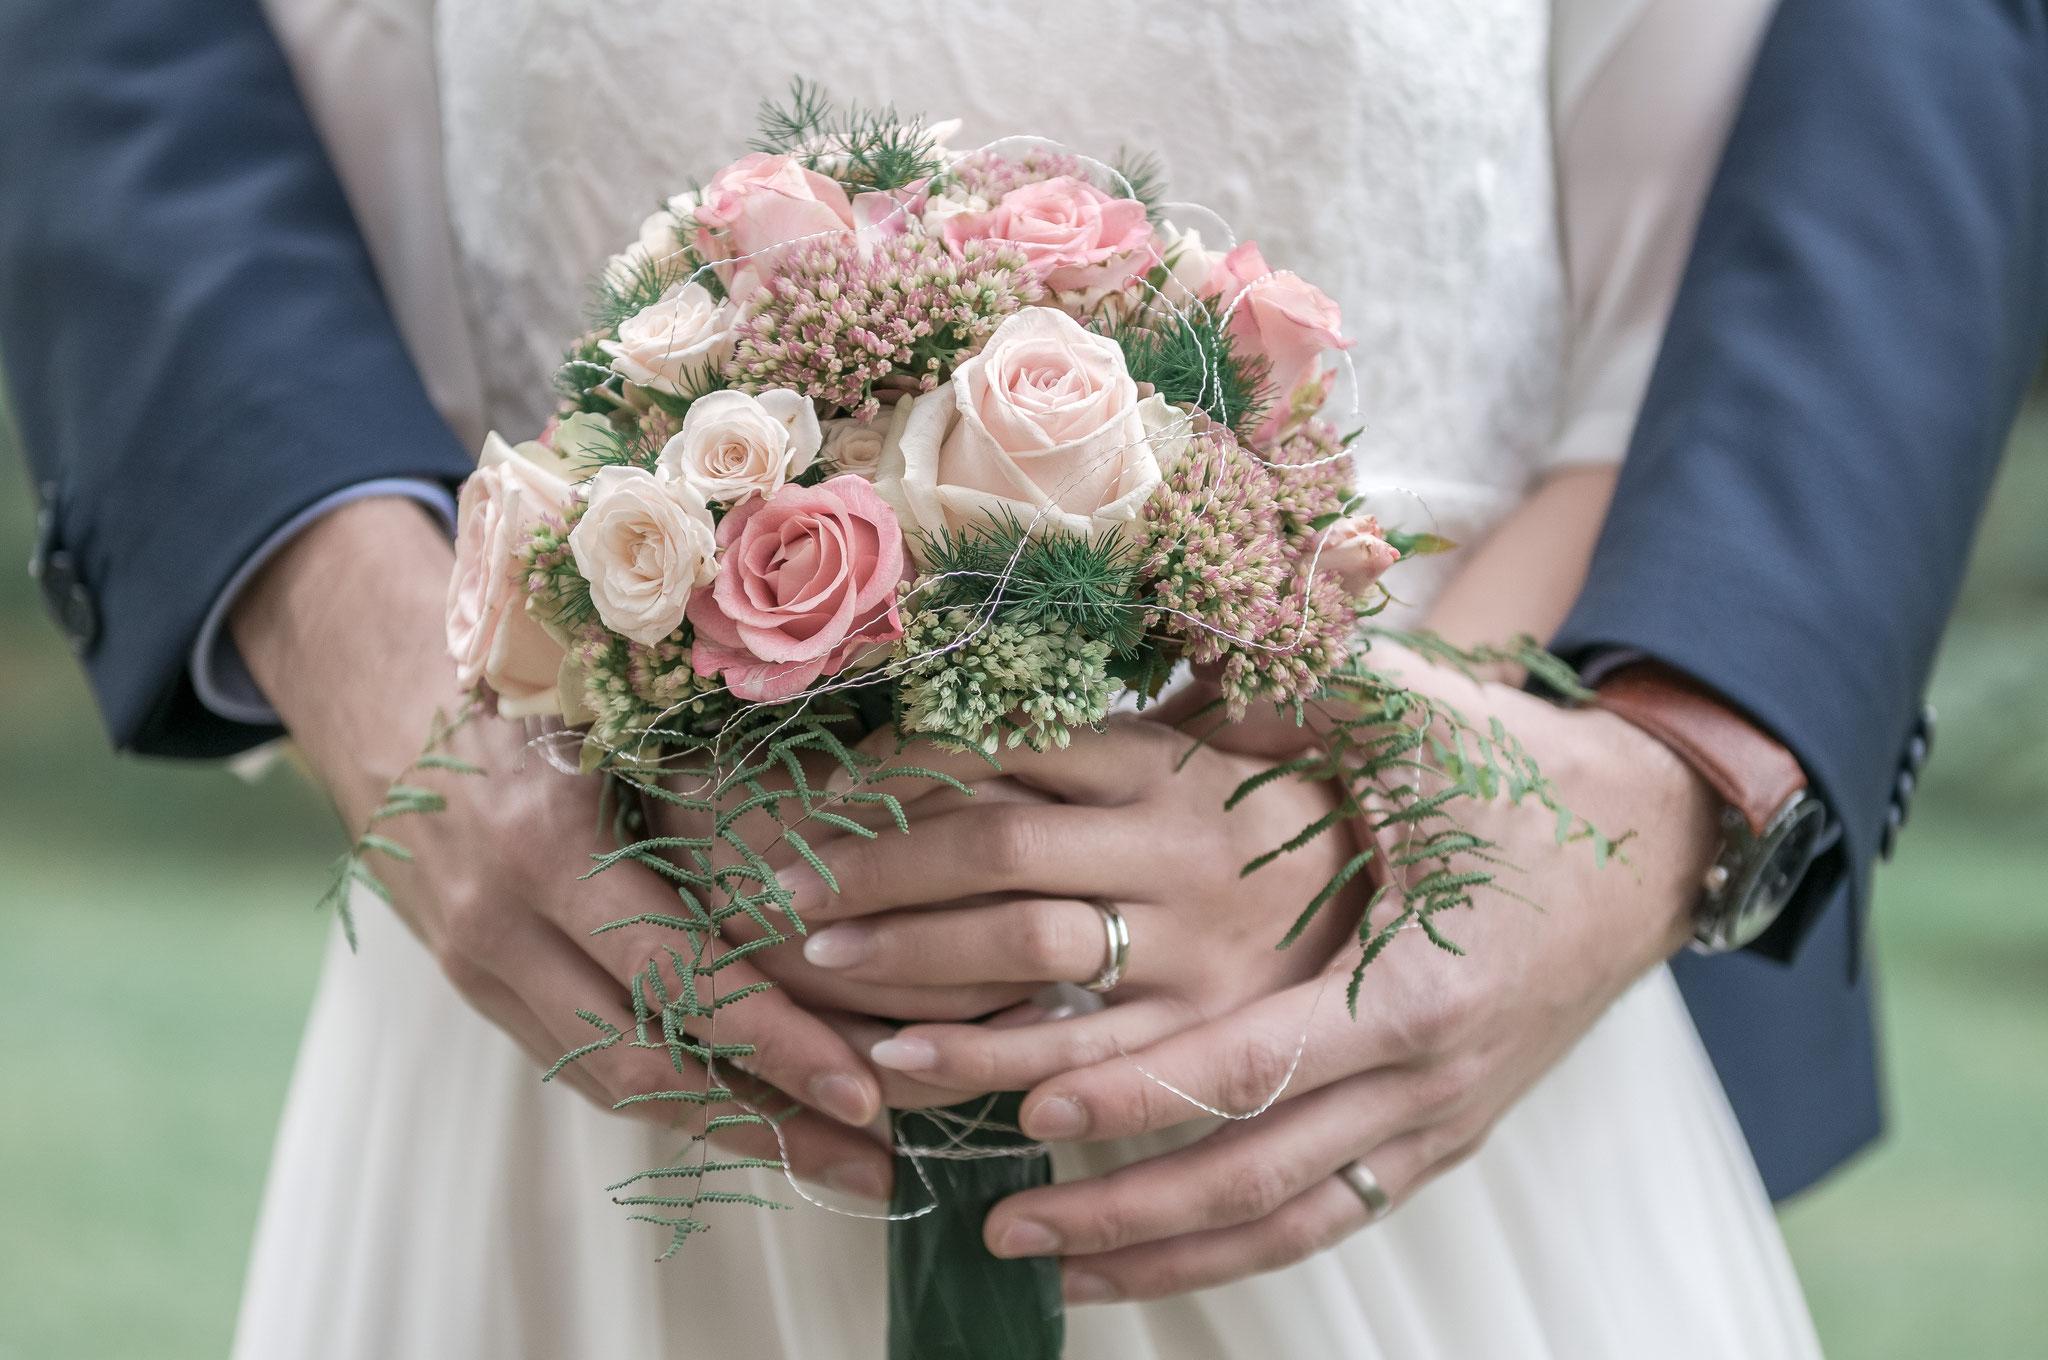 Braut und der Bräutigam halten den Hochzeitsdtrauß